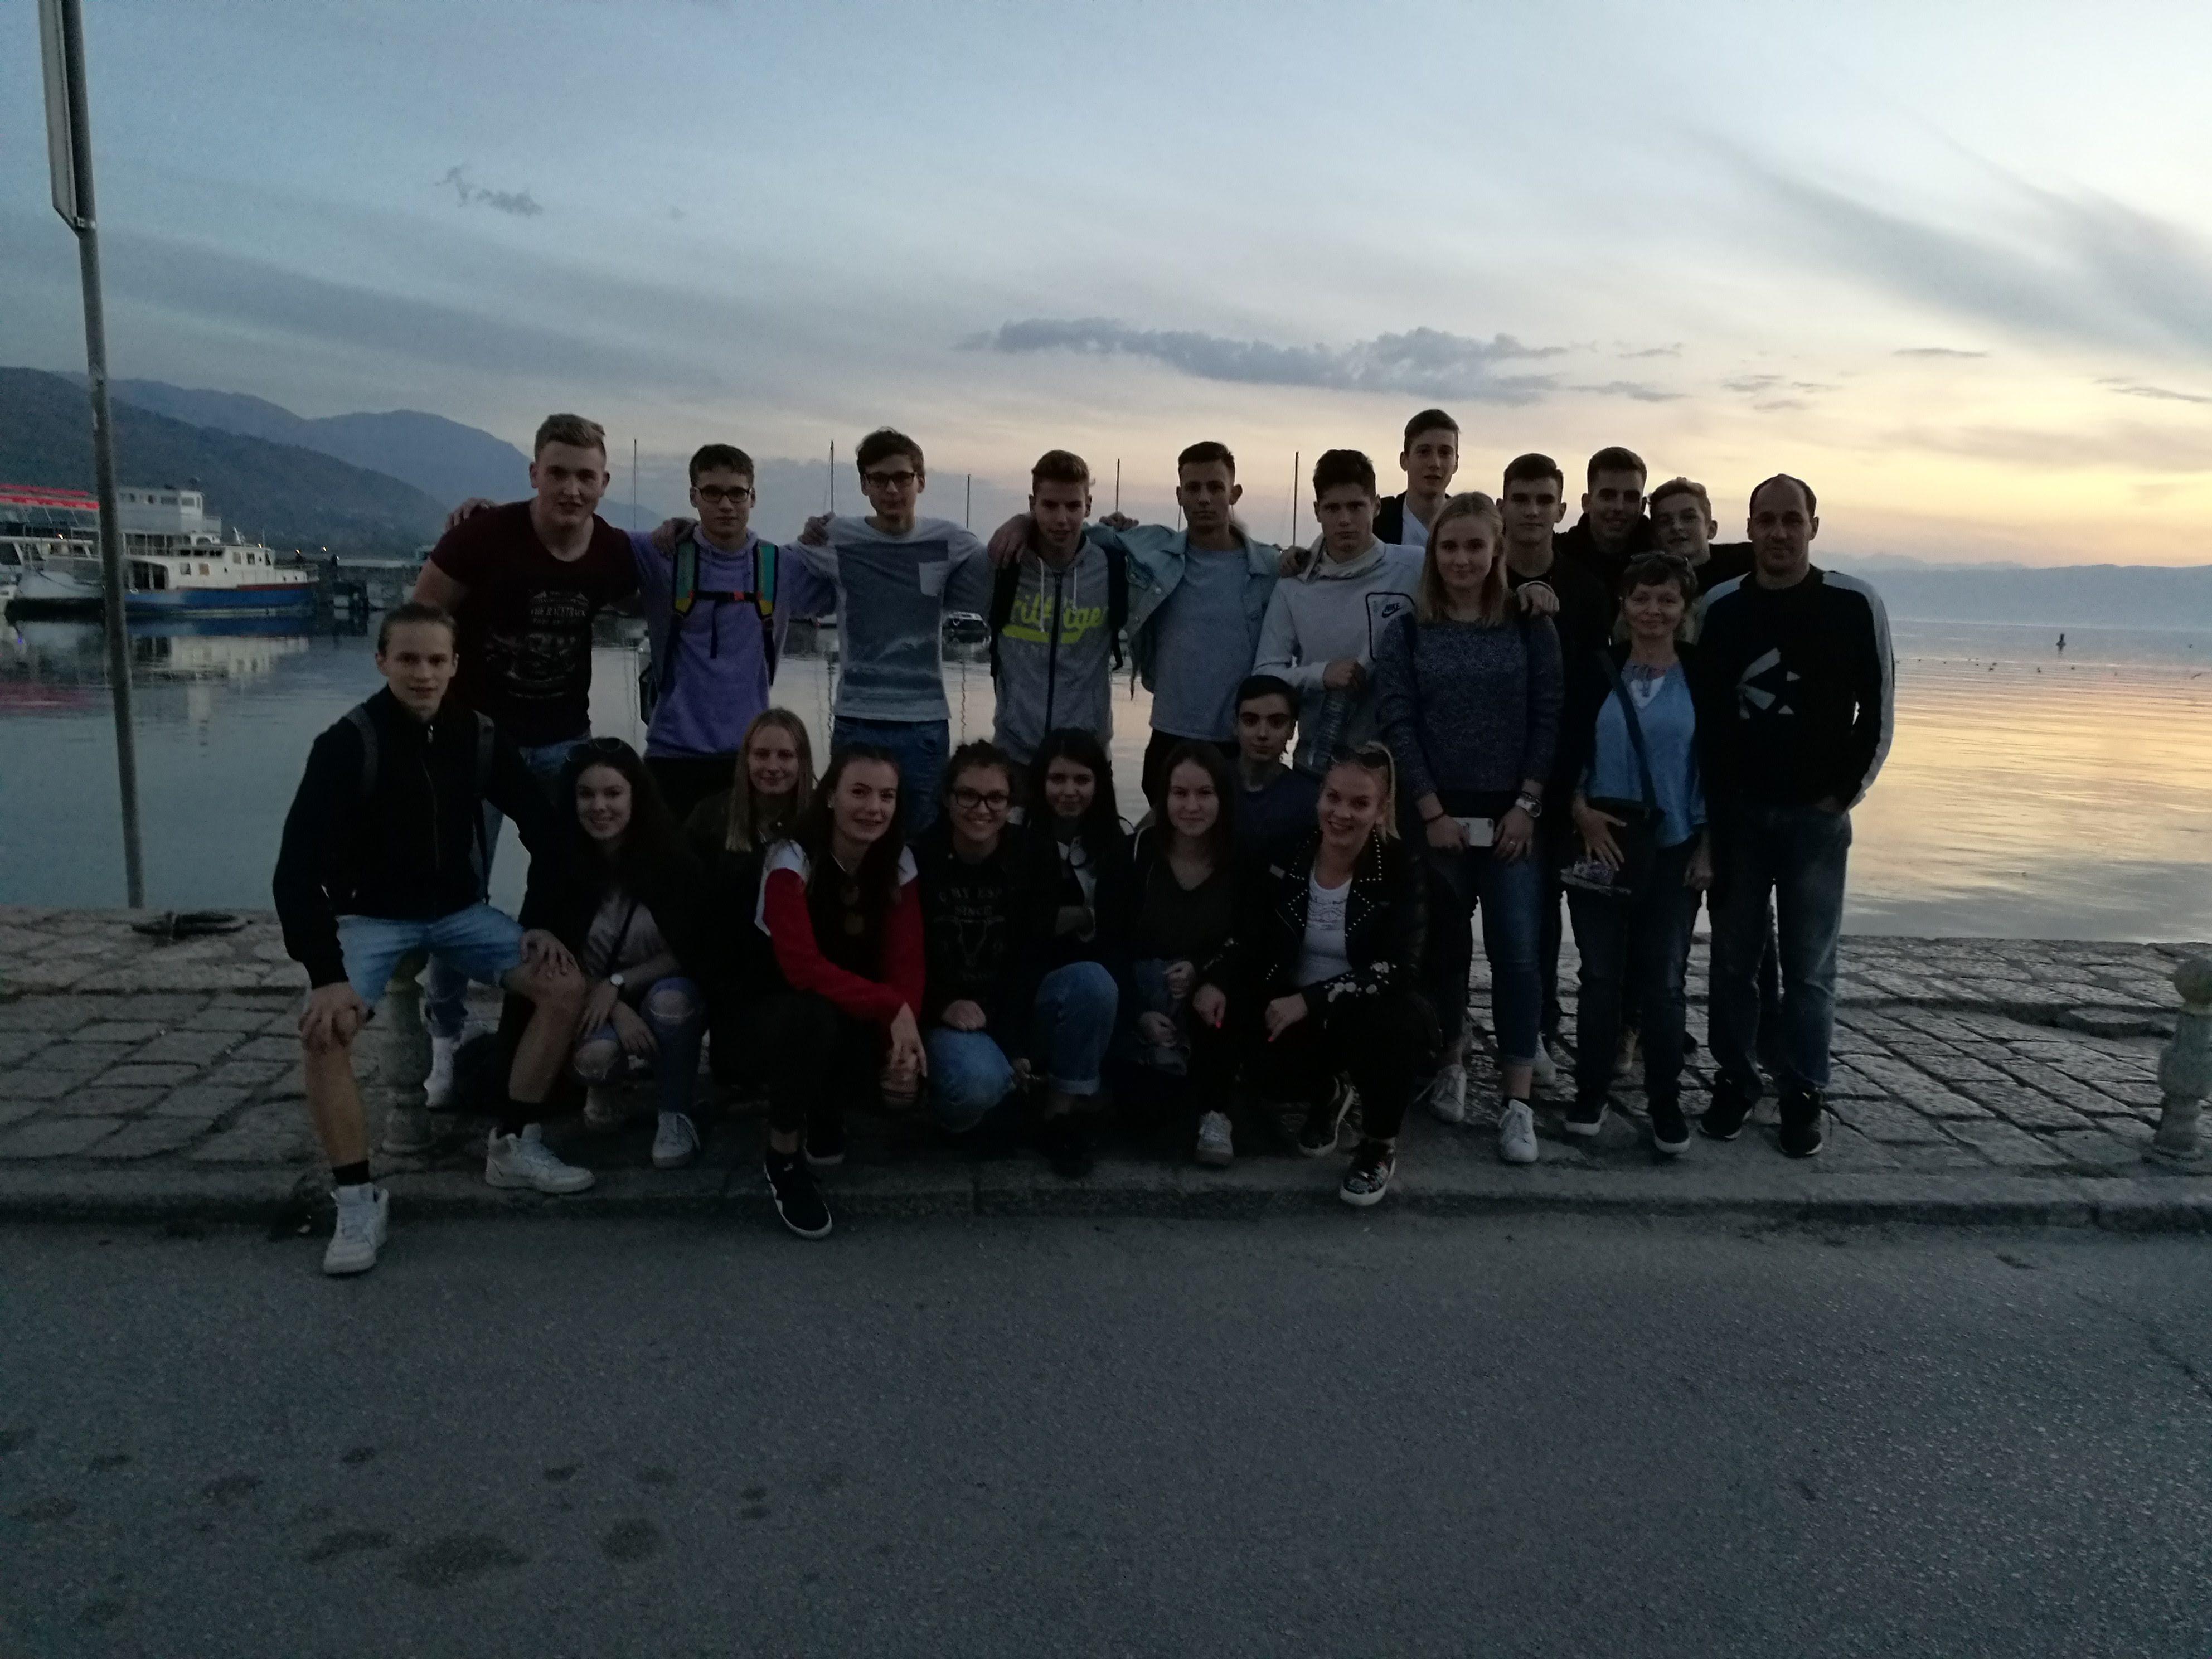 Mednarodna izmenjava dijakov v Makedoniji